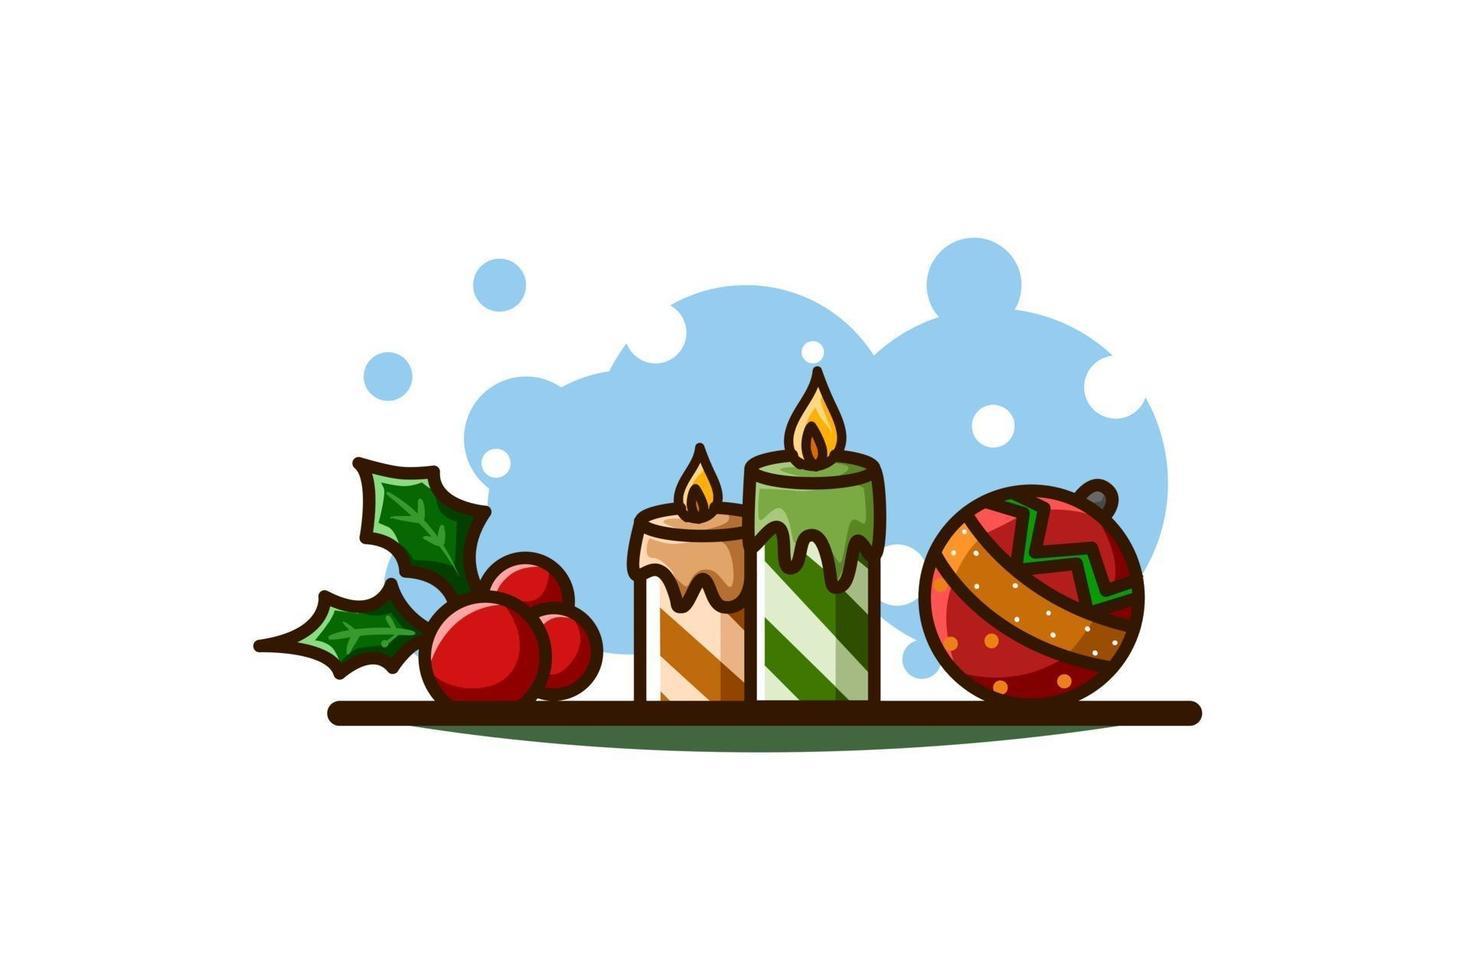 folhas de azevinho, velas e bola, ícone de natal vetor